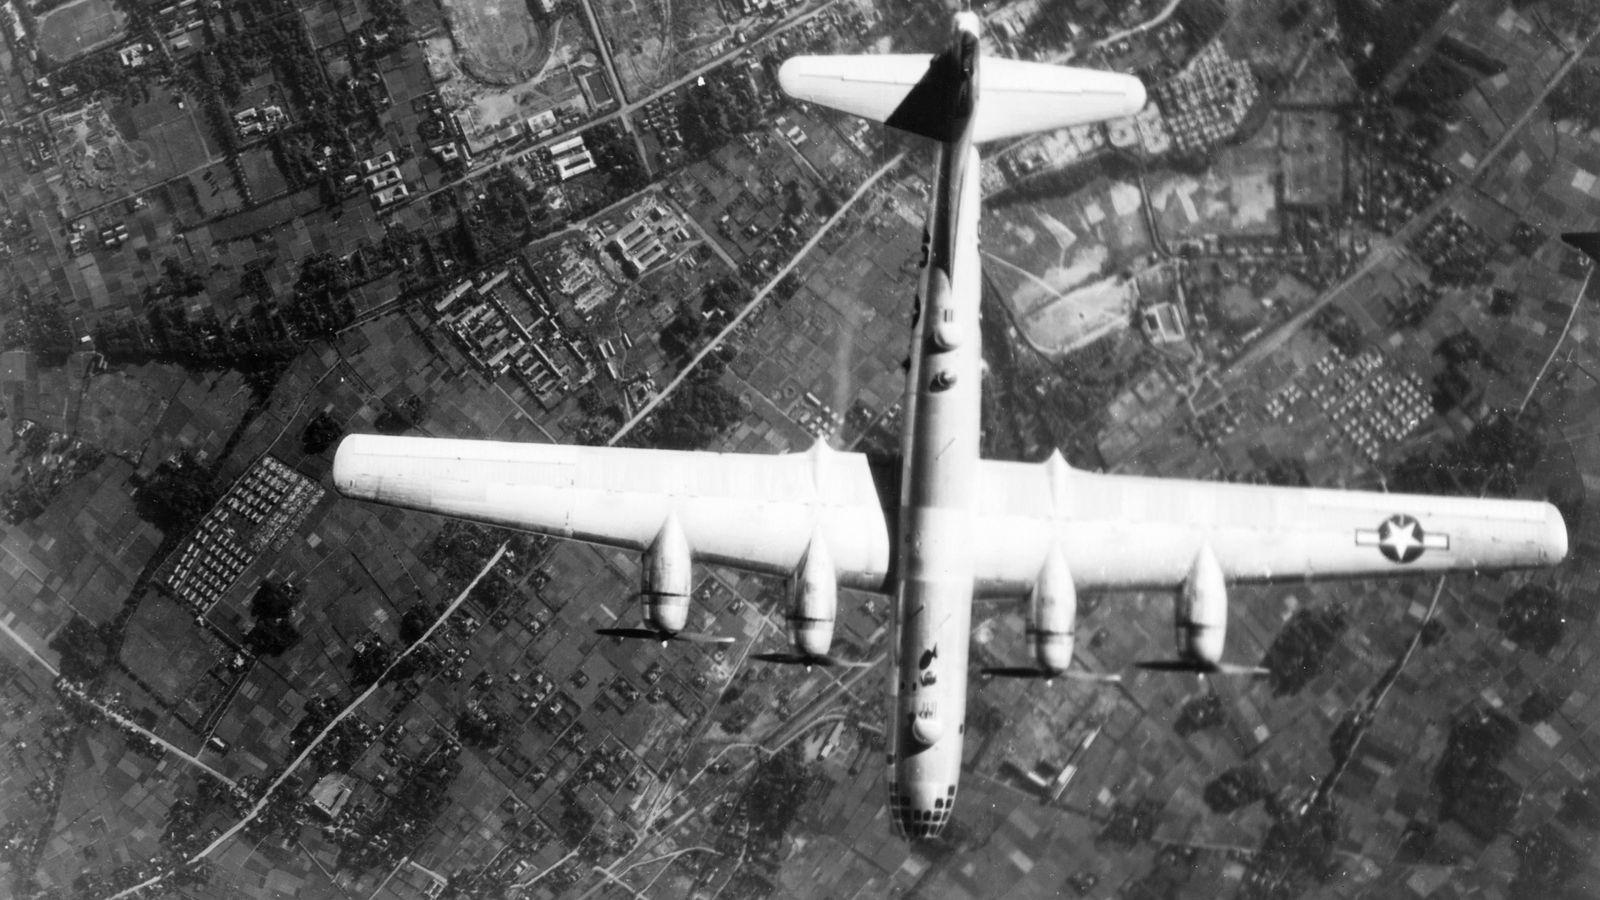 スバル創始者が夢想した「400機の爆撃機」の幻 「アメリカ本土を爆撃する」の無謀さ